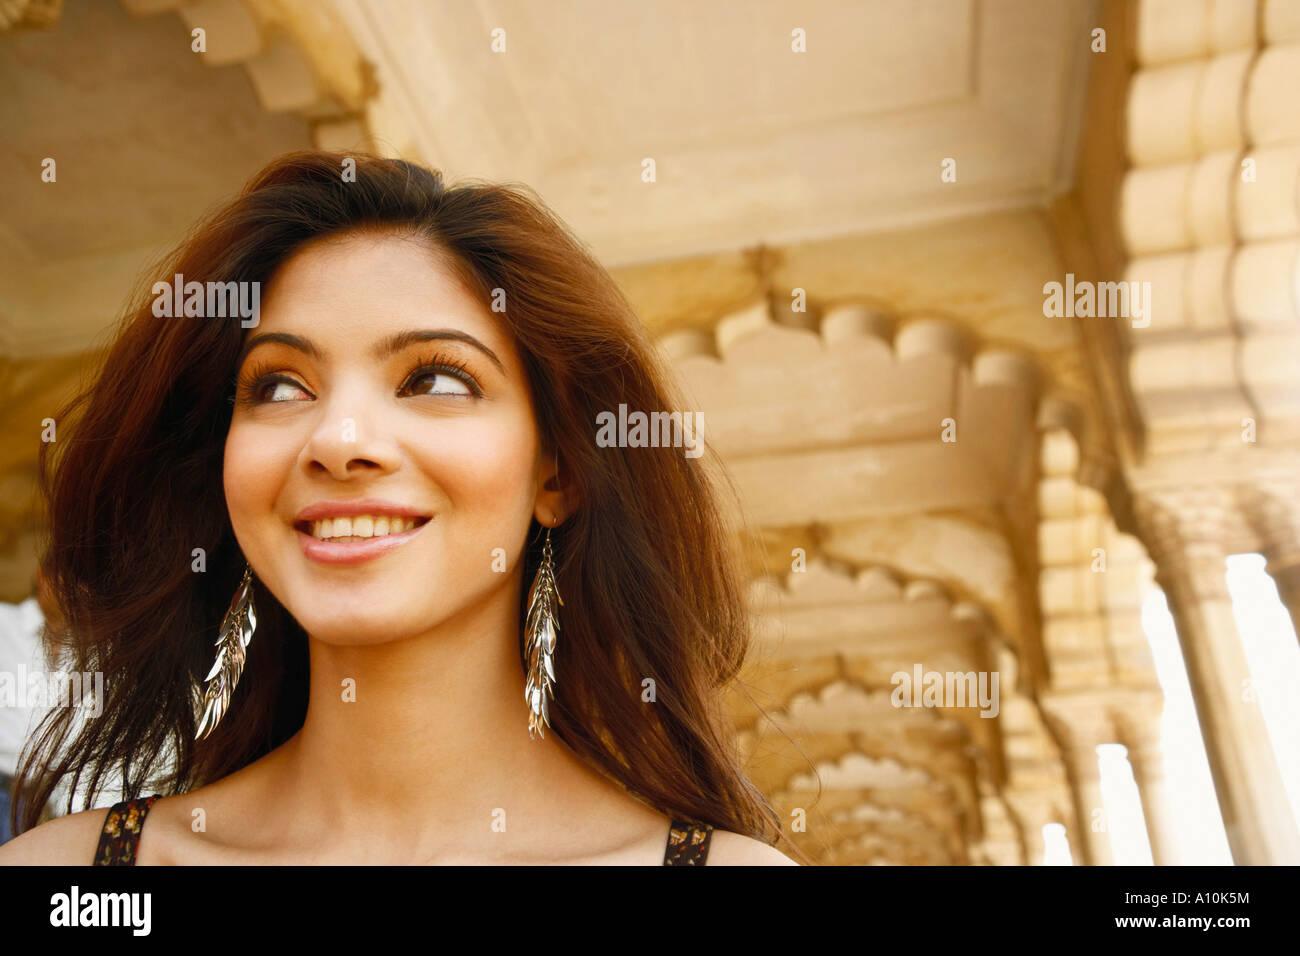 Close-up de una joven sonriente, el Fuerte de Agra, Agra, Uttar Pradesh, India Foto de stock